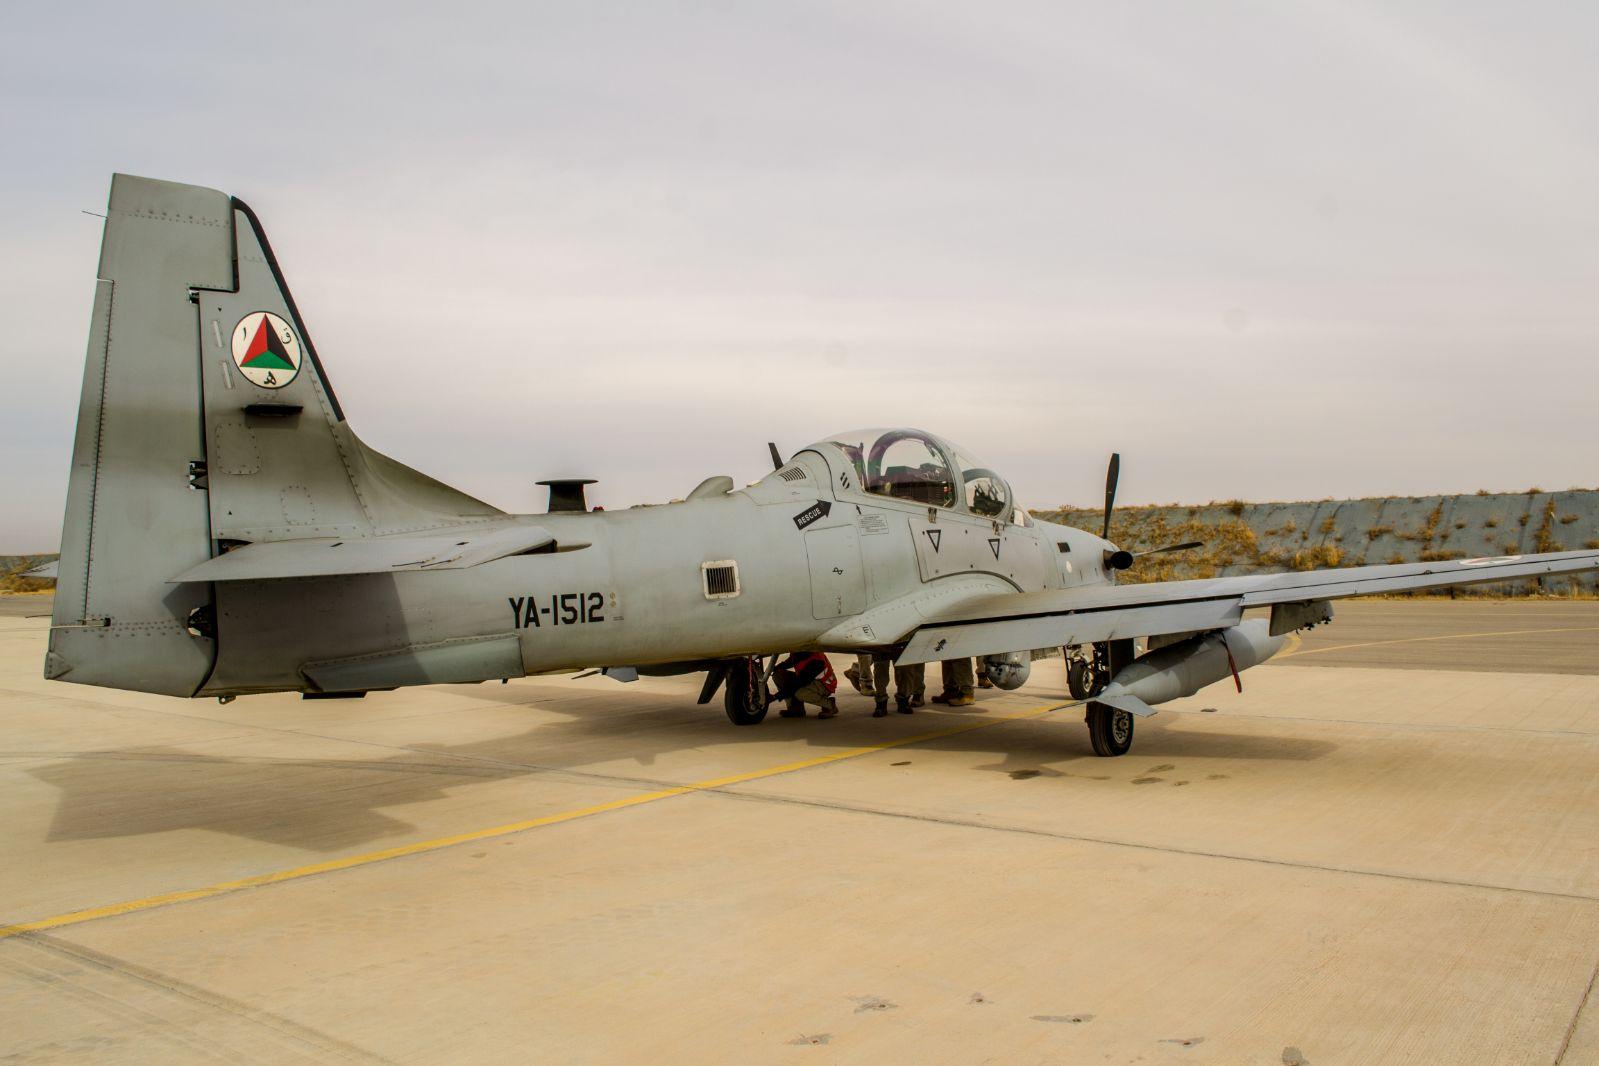 A-29 SUPER TUCANOPRIMA DEL DEL DECOLLO PER L'ESERCITAZIOME DI COORDINAMENTO AEREO (2) (002)